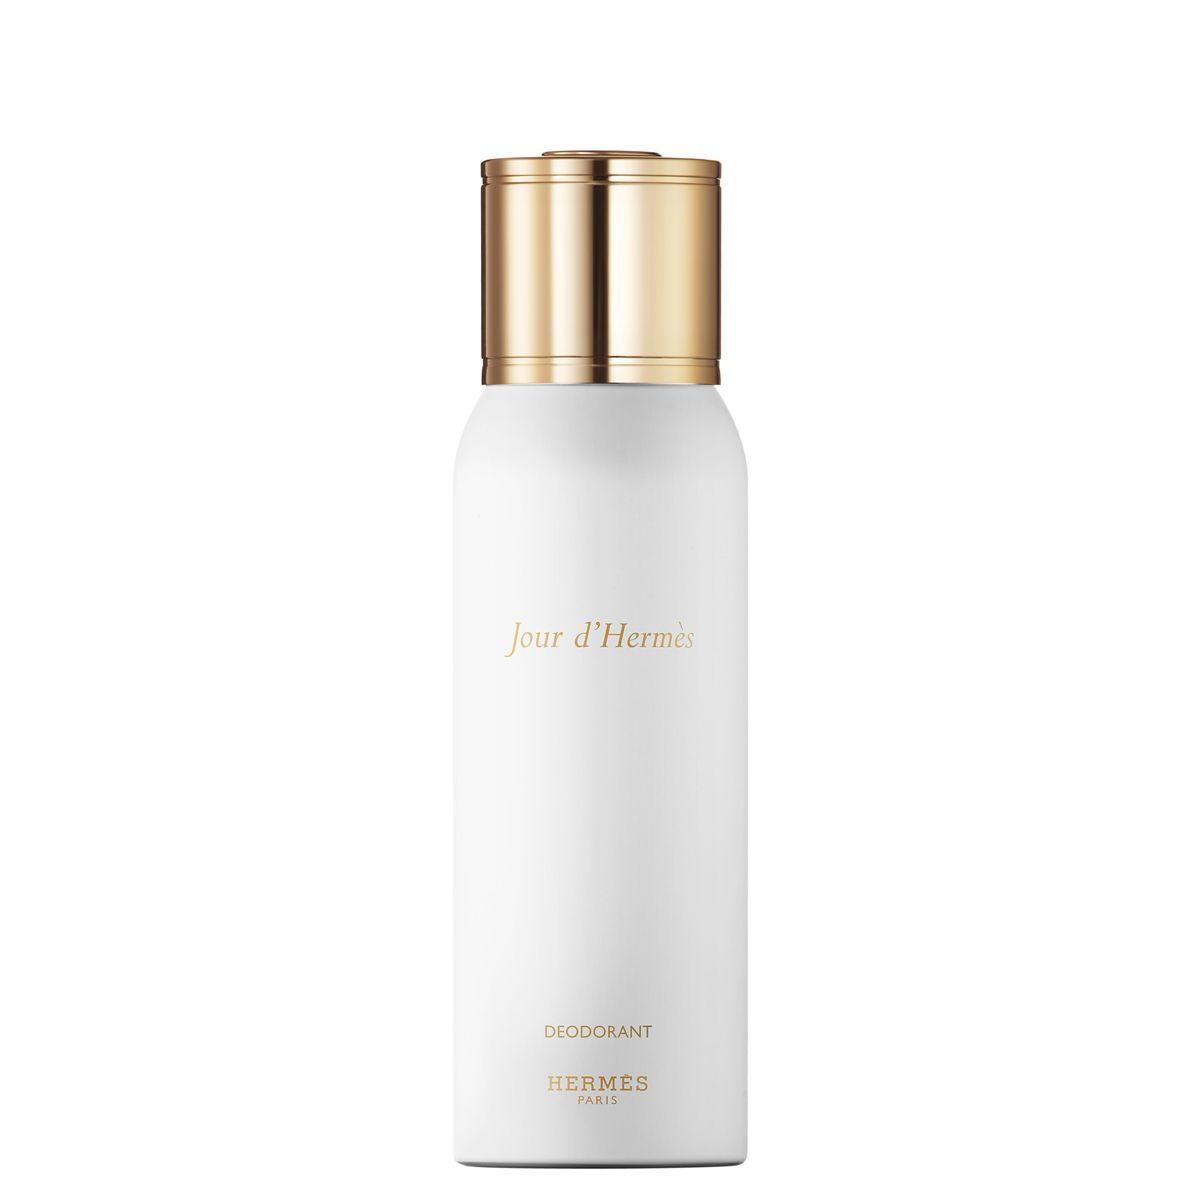 Hermes jour d hermes desodorante 150ml